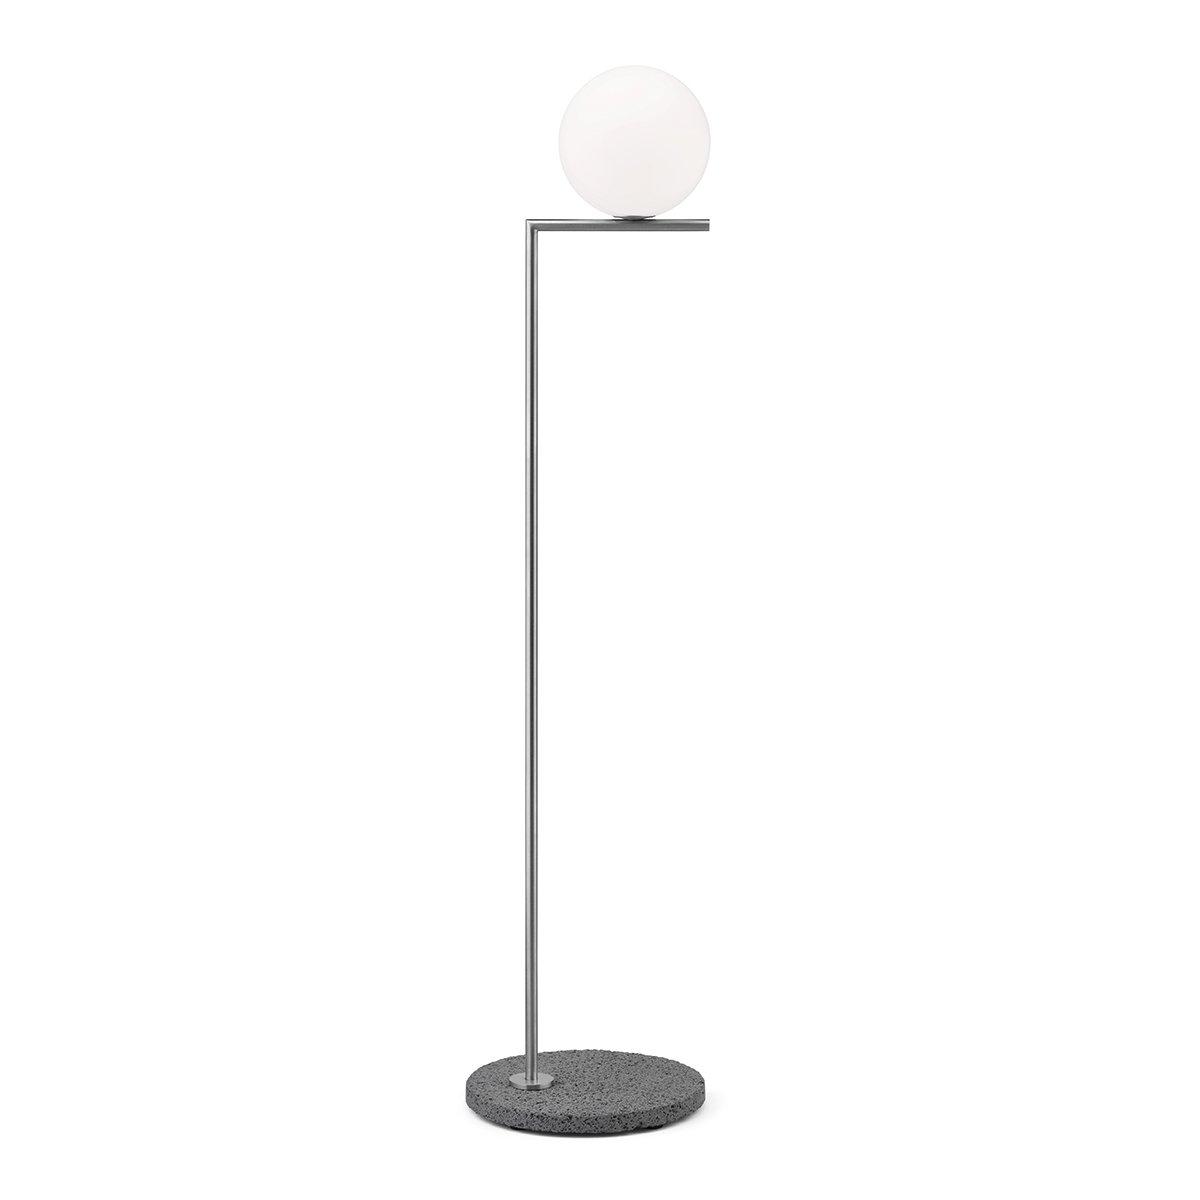 FLOS IC Light Outdoor Vloerlamp F1 - Roestvrijstaal